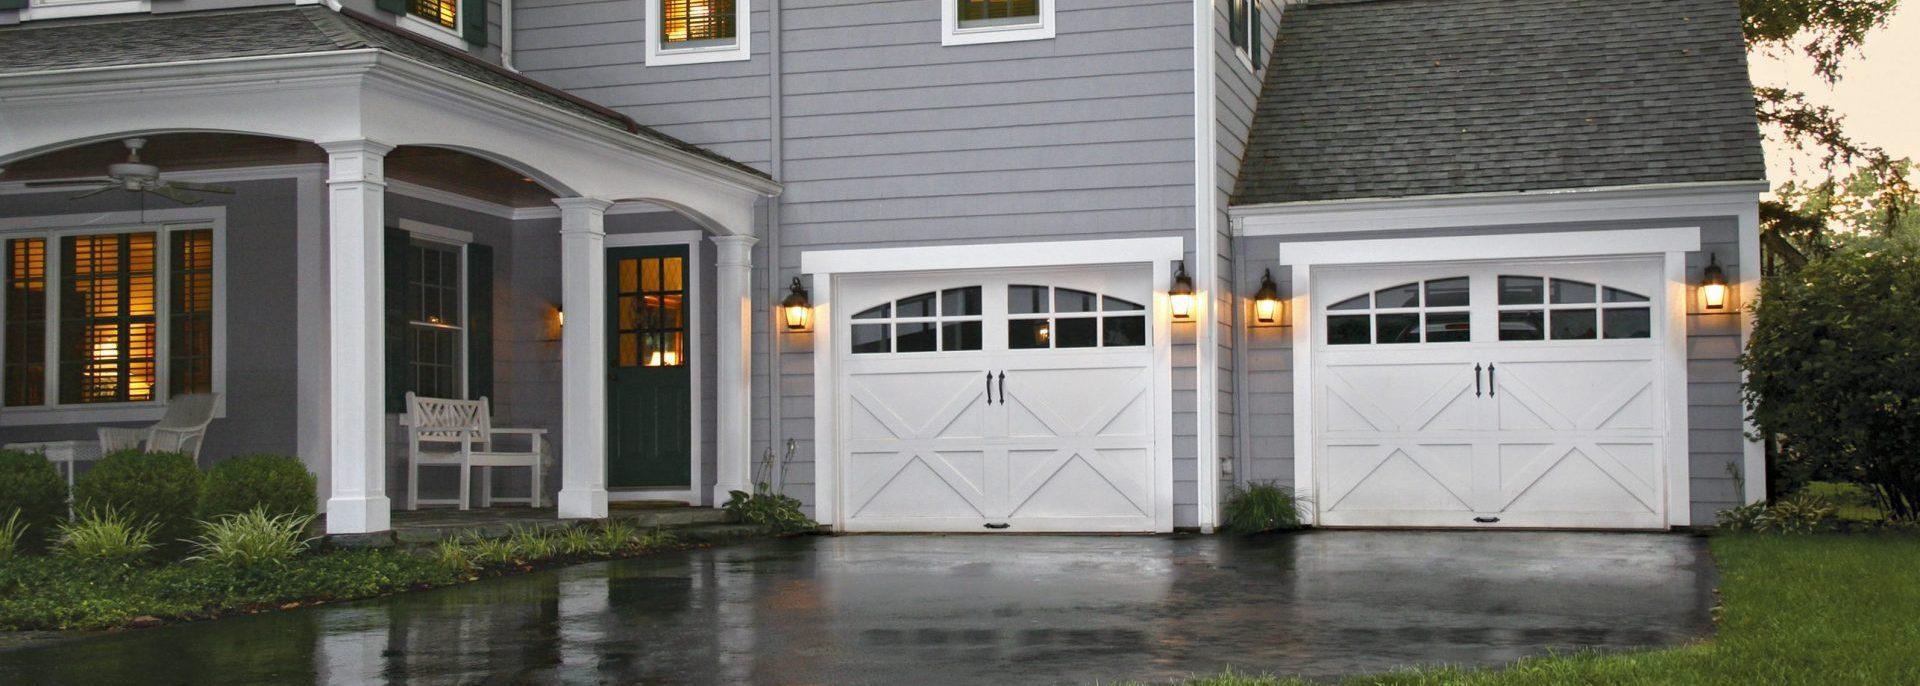 Garage Door Repair Coupons Utah Free Coupons Without Registering